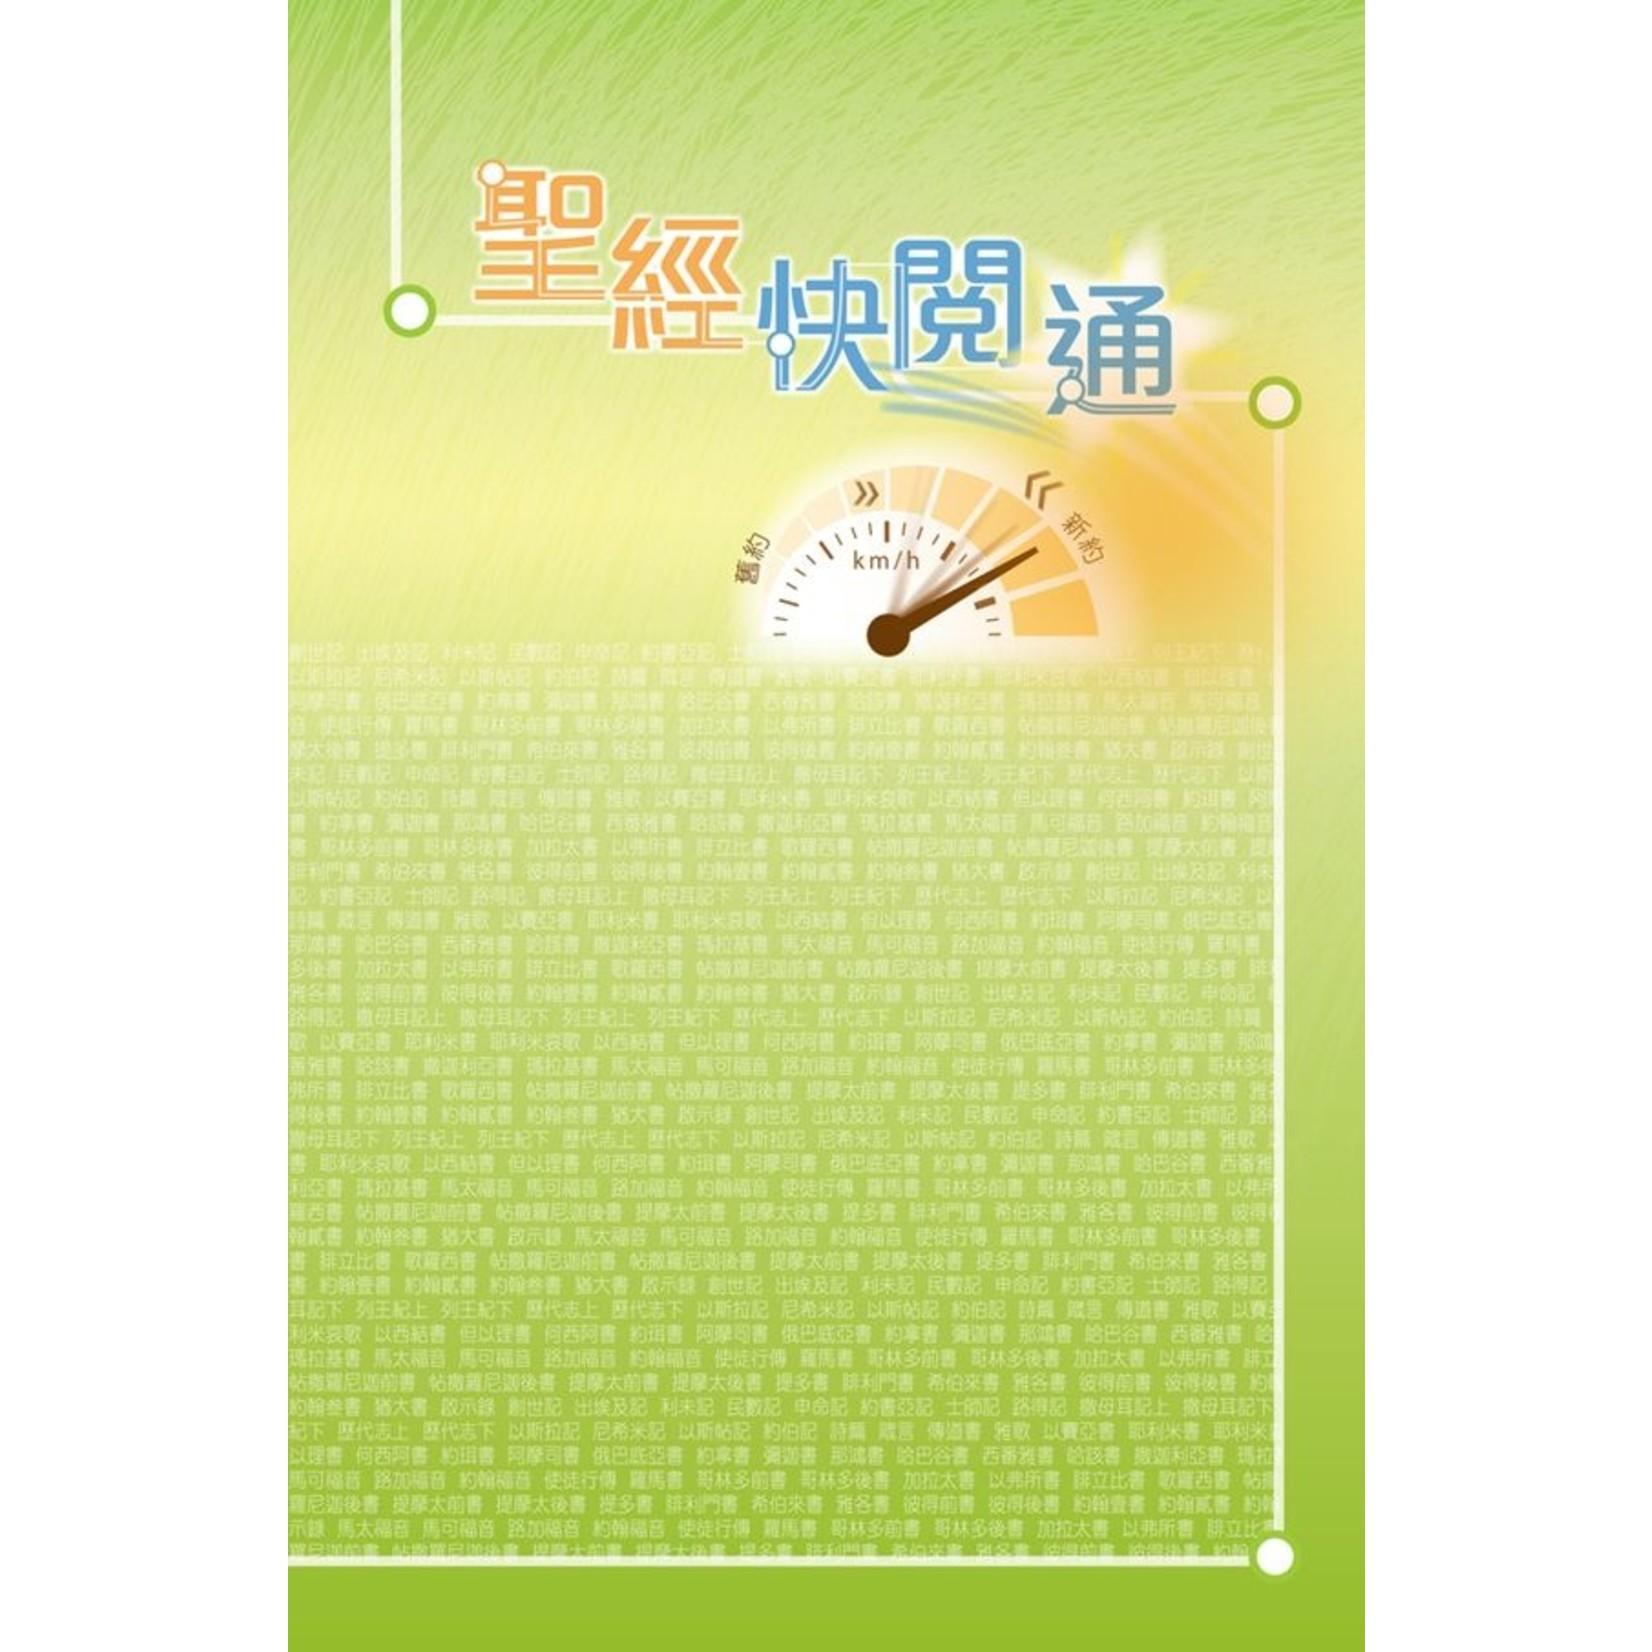 環球聖經公會 The Worldwide Bible Society 聖經快閱通(第二版)(繁體)